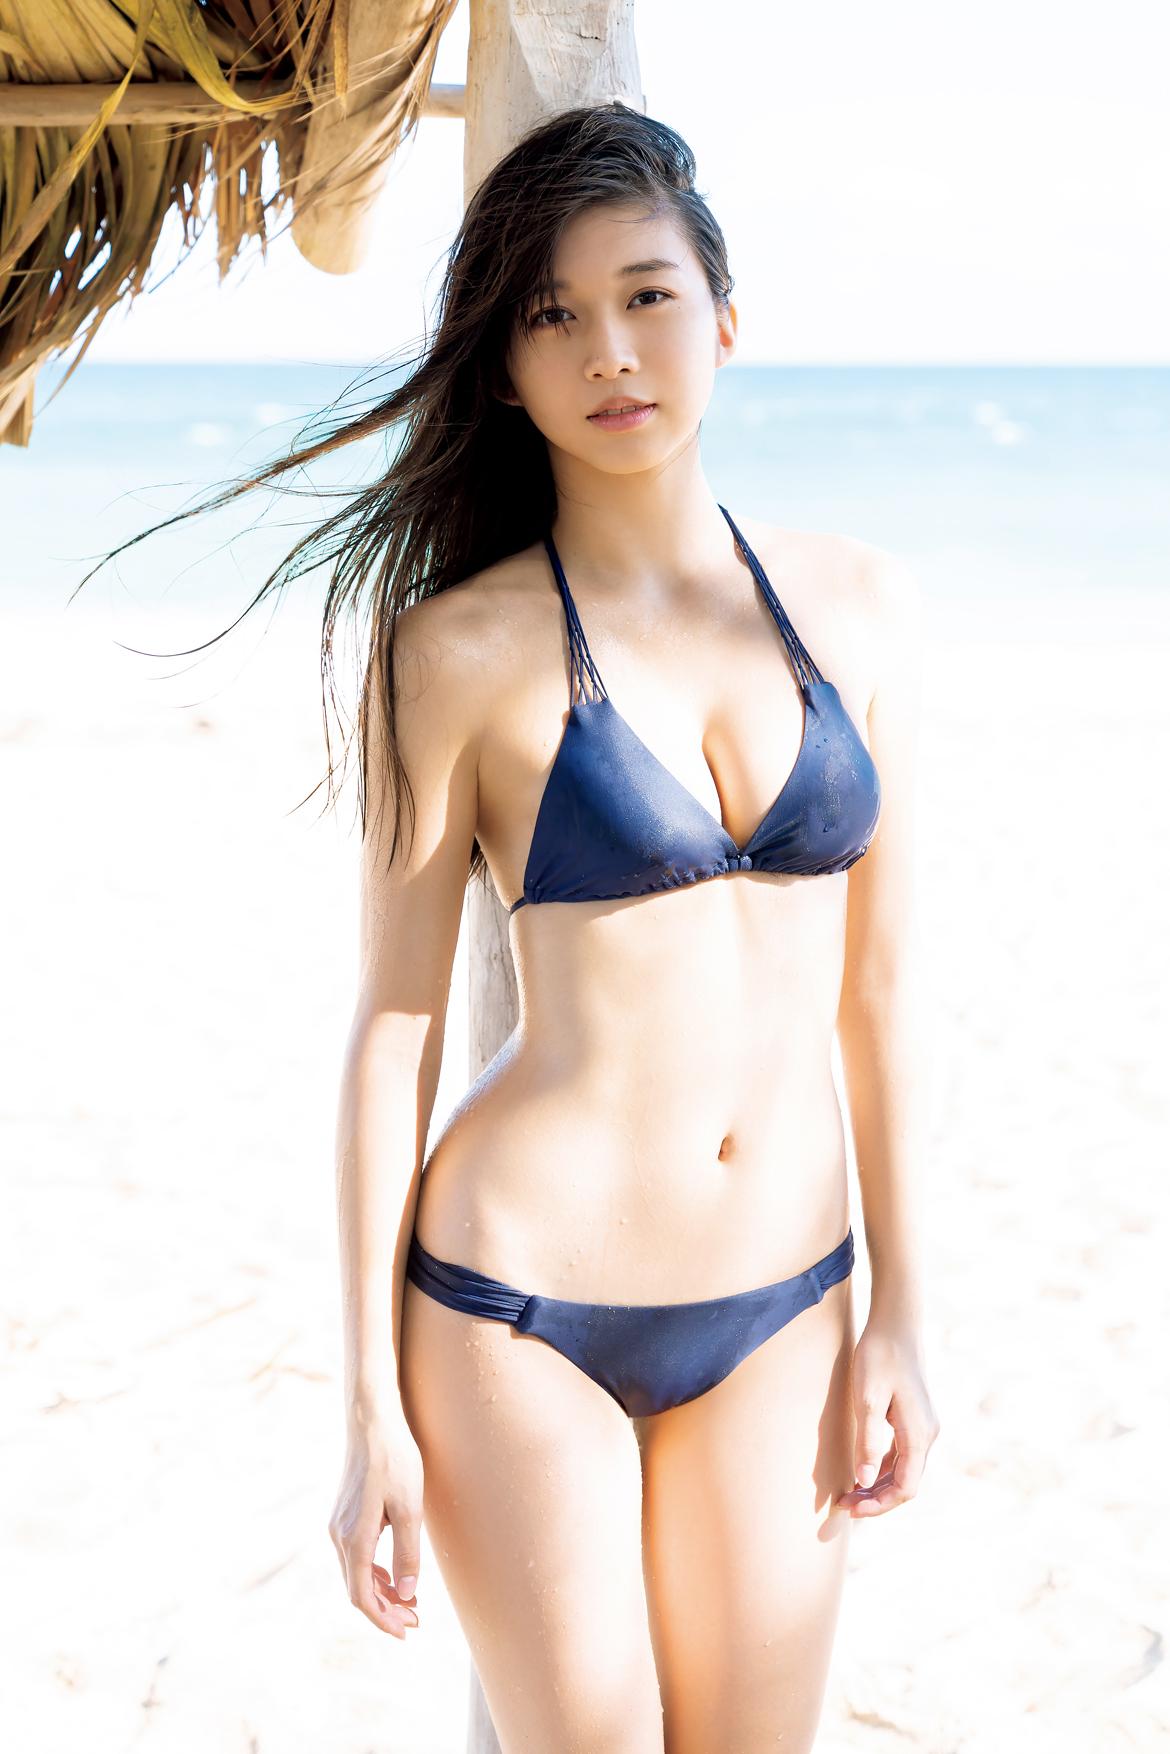 【美少女】モー娘。牧野真莉愛、キューバのビーチでピュアすぎるセクシービキニ姿を大胆披露!